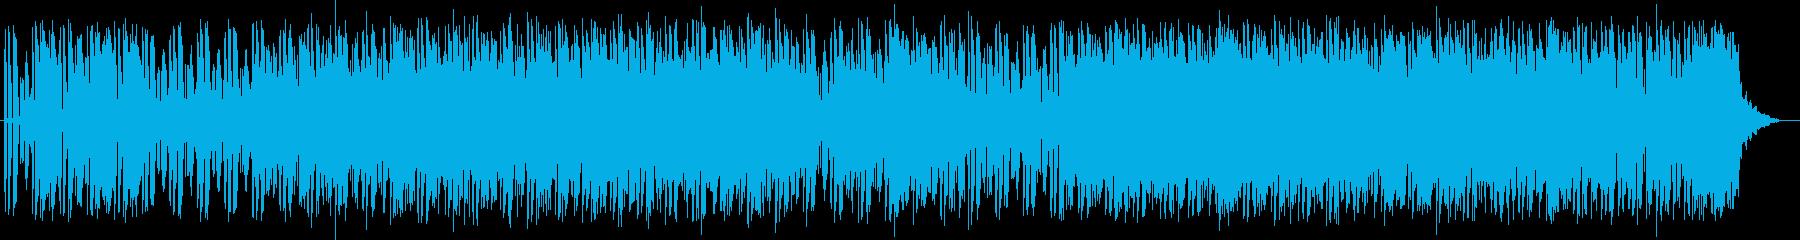 マイナーでクールなシンセとエレキサウンドの再生済みの波形